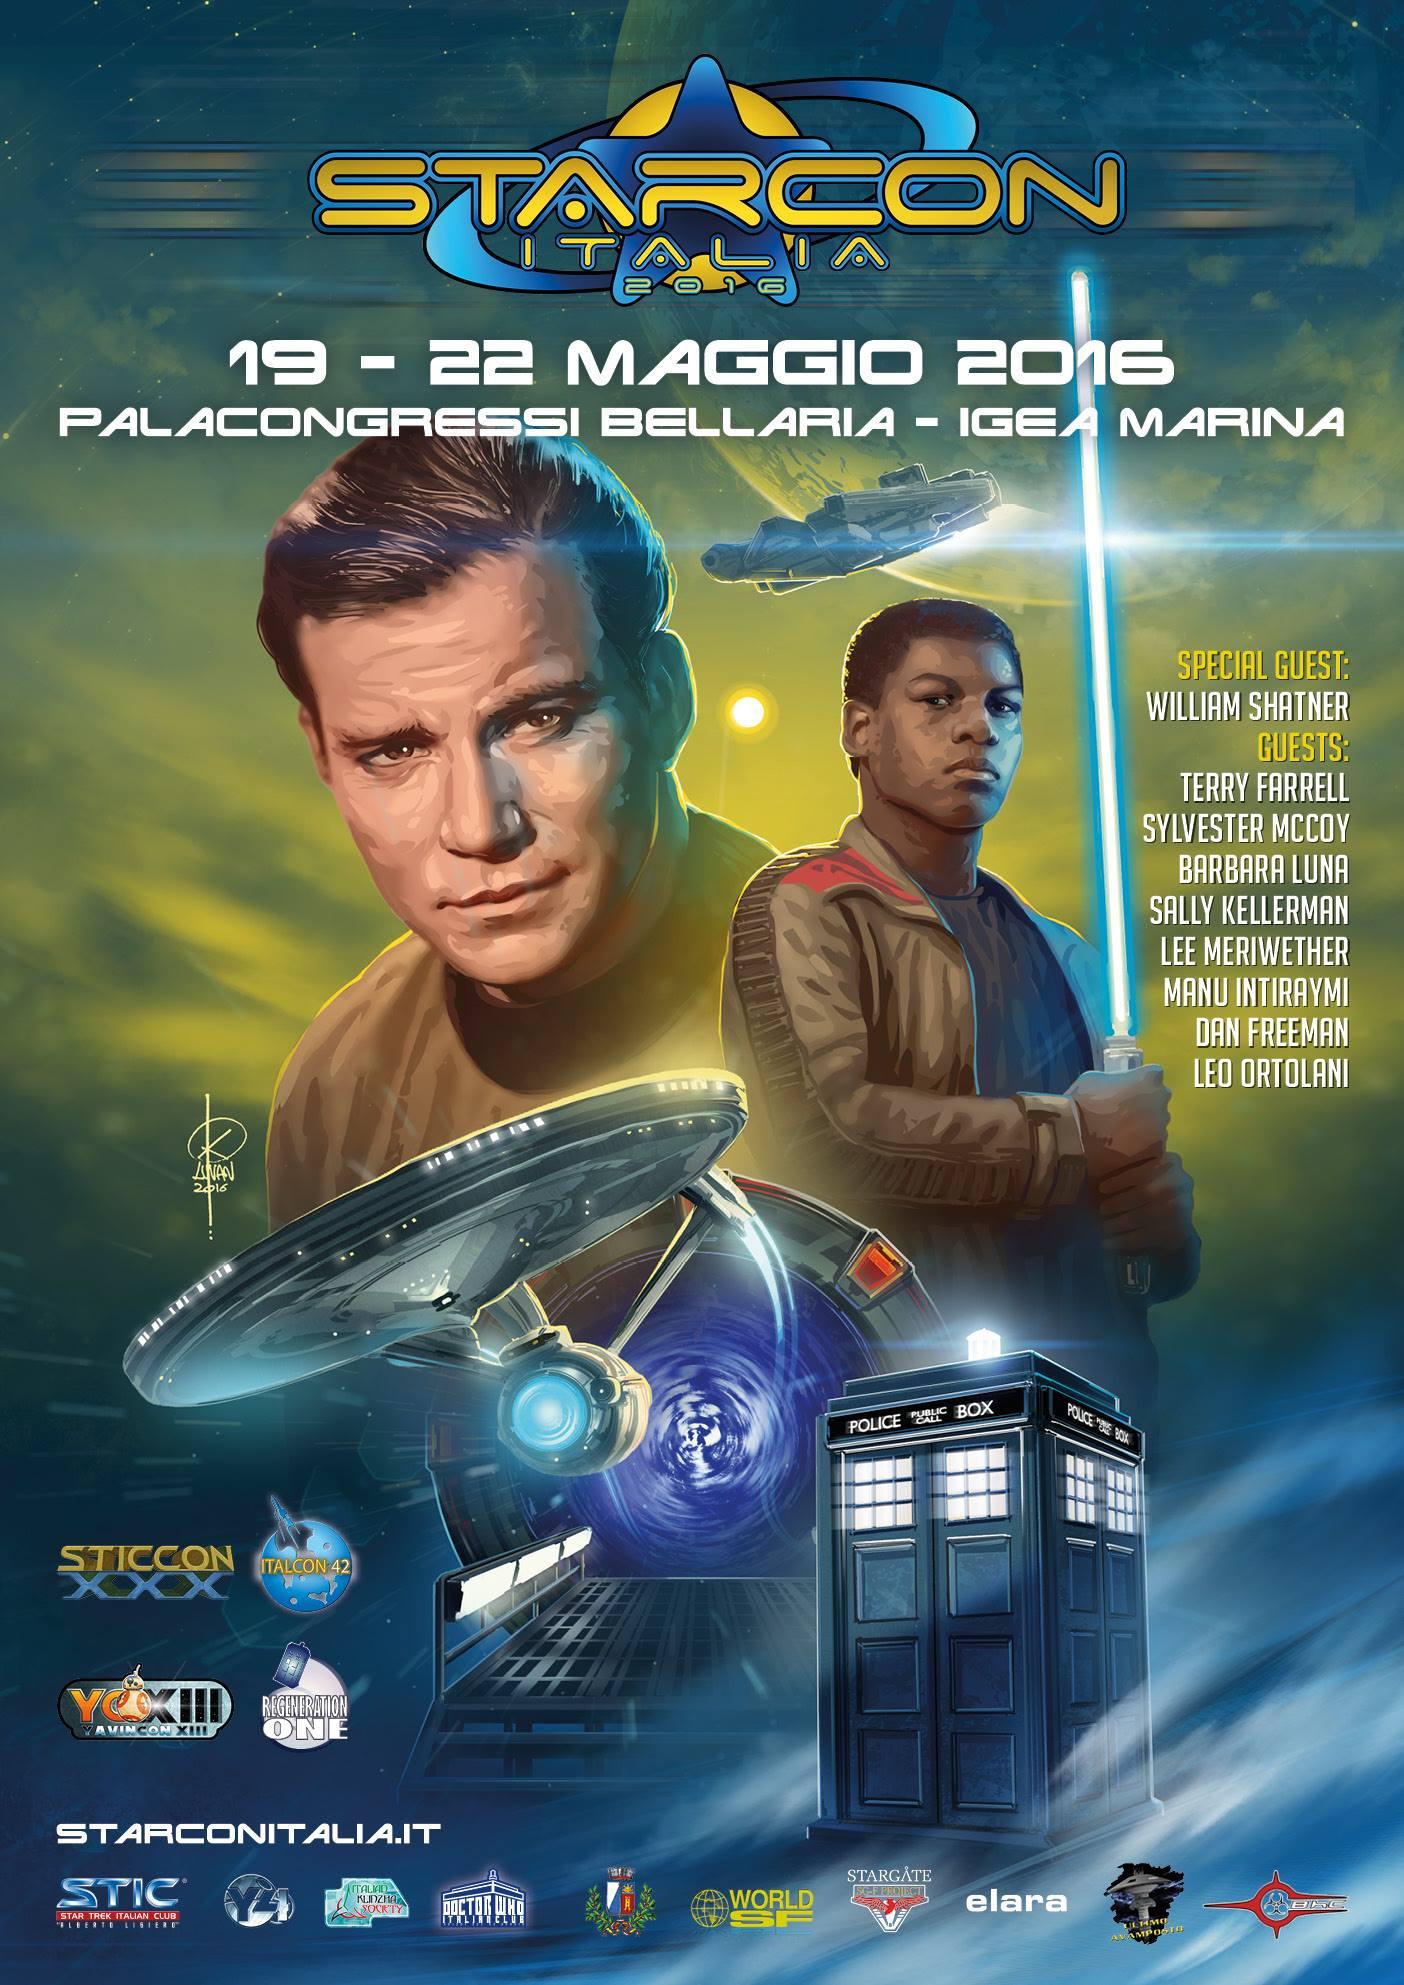 StarCon Italia 2016